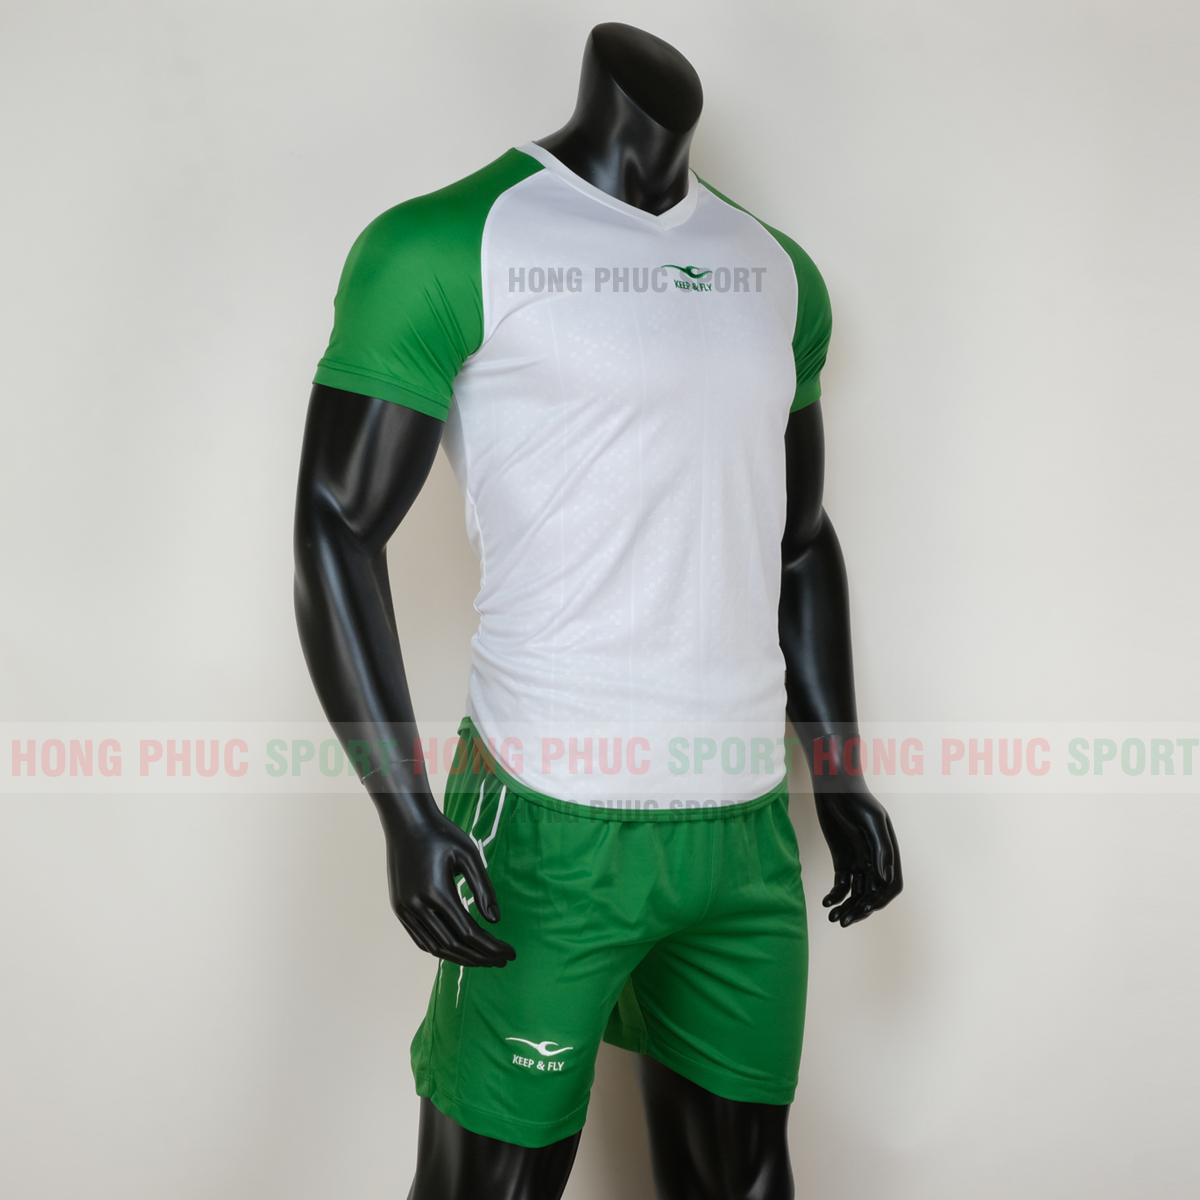 Áo đá bóng với chất vải cao cấp chống tia cực tím của mặt trời